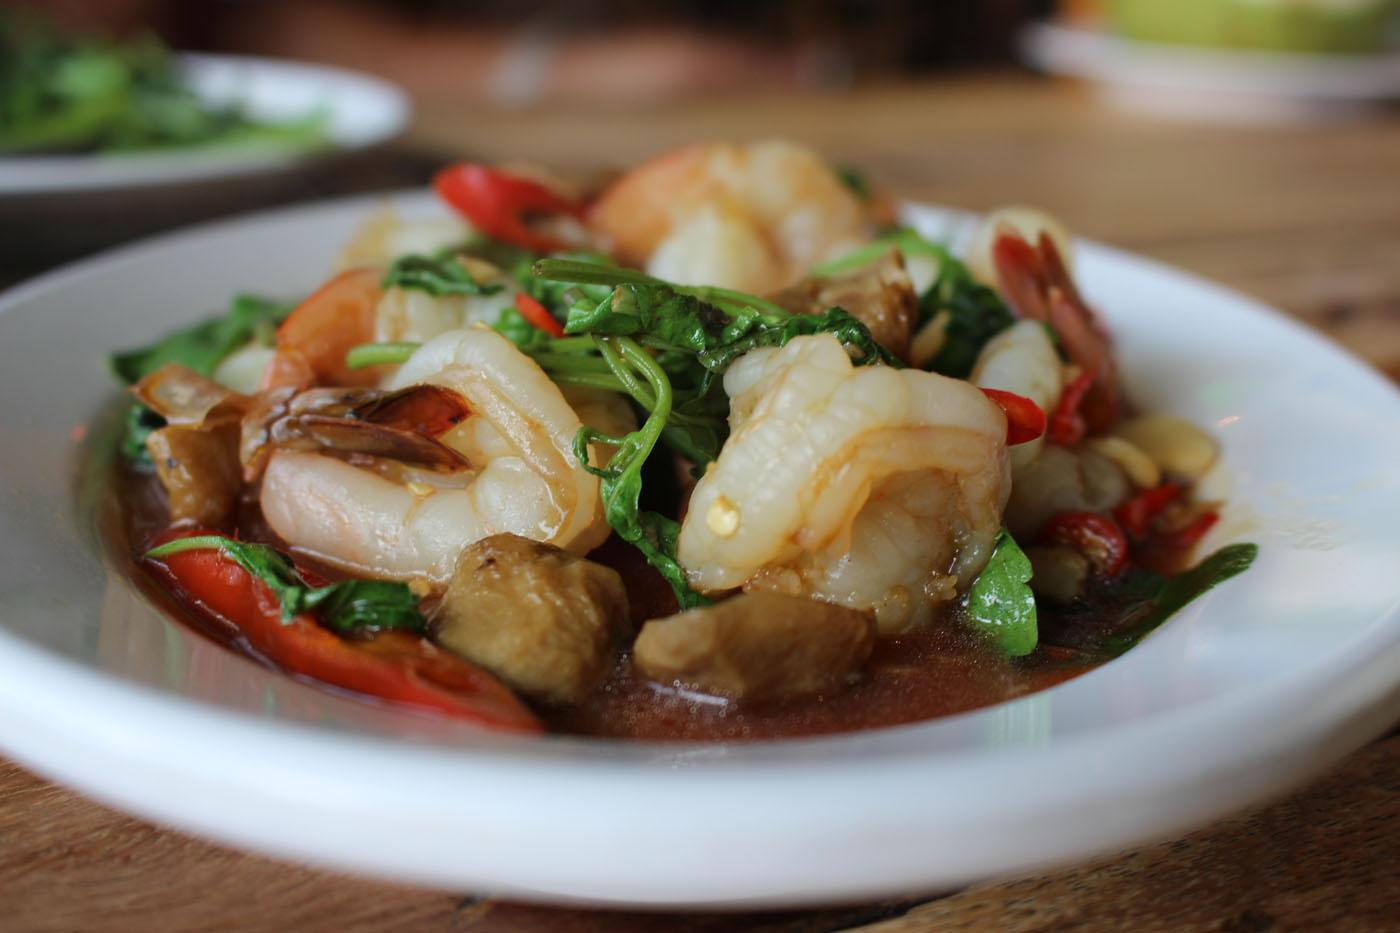 Thai Basil Shrimp - Pad Kra Pao Gai